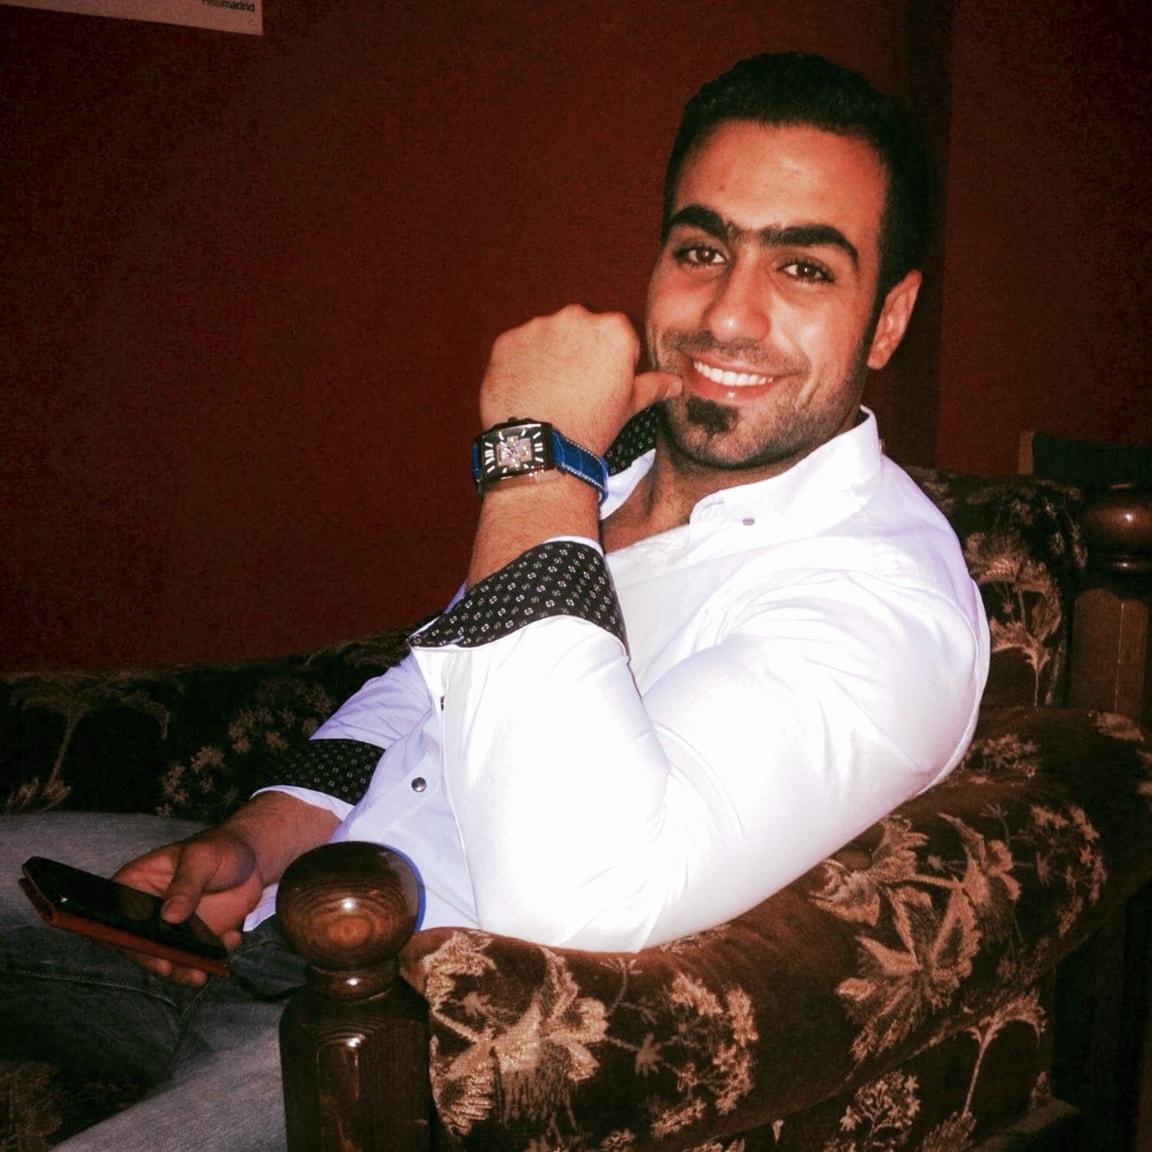 Populära youtubers. Snäll polis. Mouhamad Keblawi.